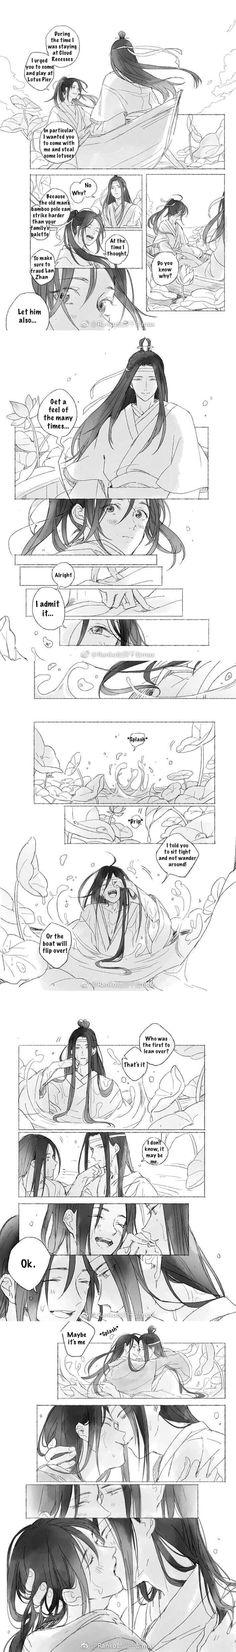 Manga Anime, Anime Art, Shounen Ai Anime, Great Novels, Manga Love, The Grandmaster, Oriental, Fujoshi, Me Me Me Anime